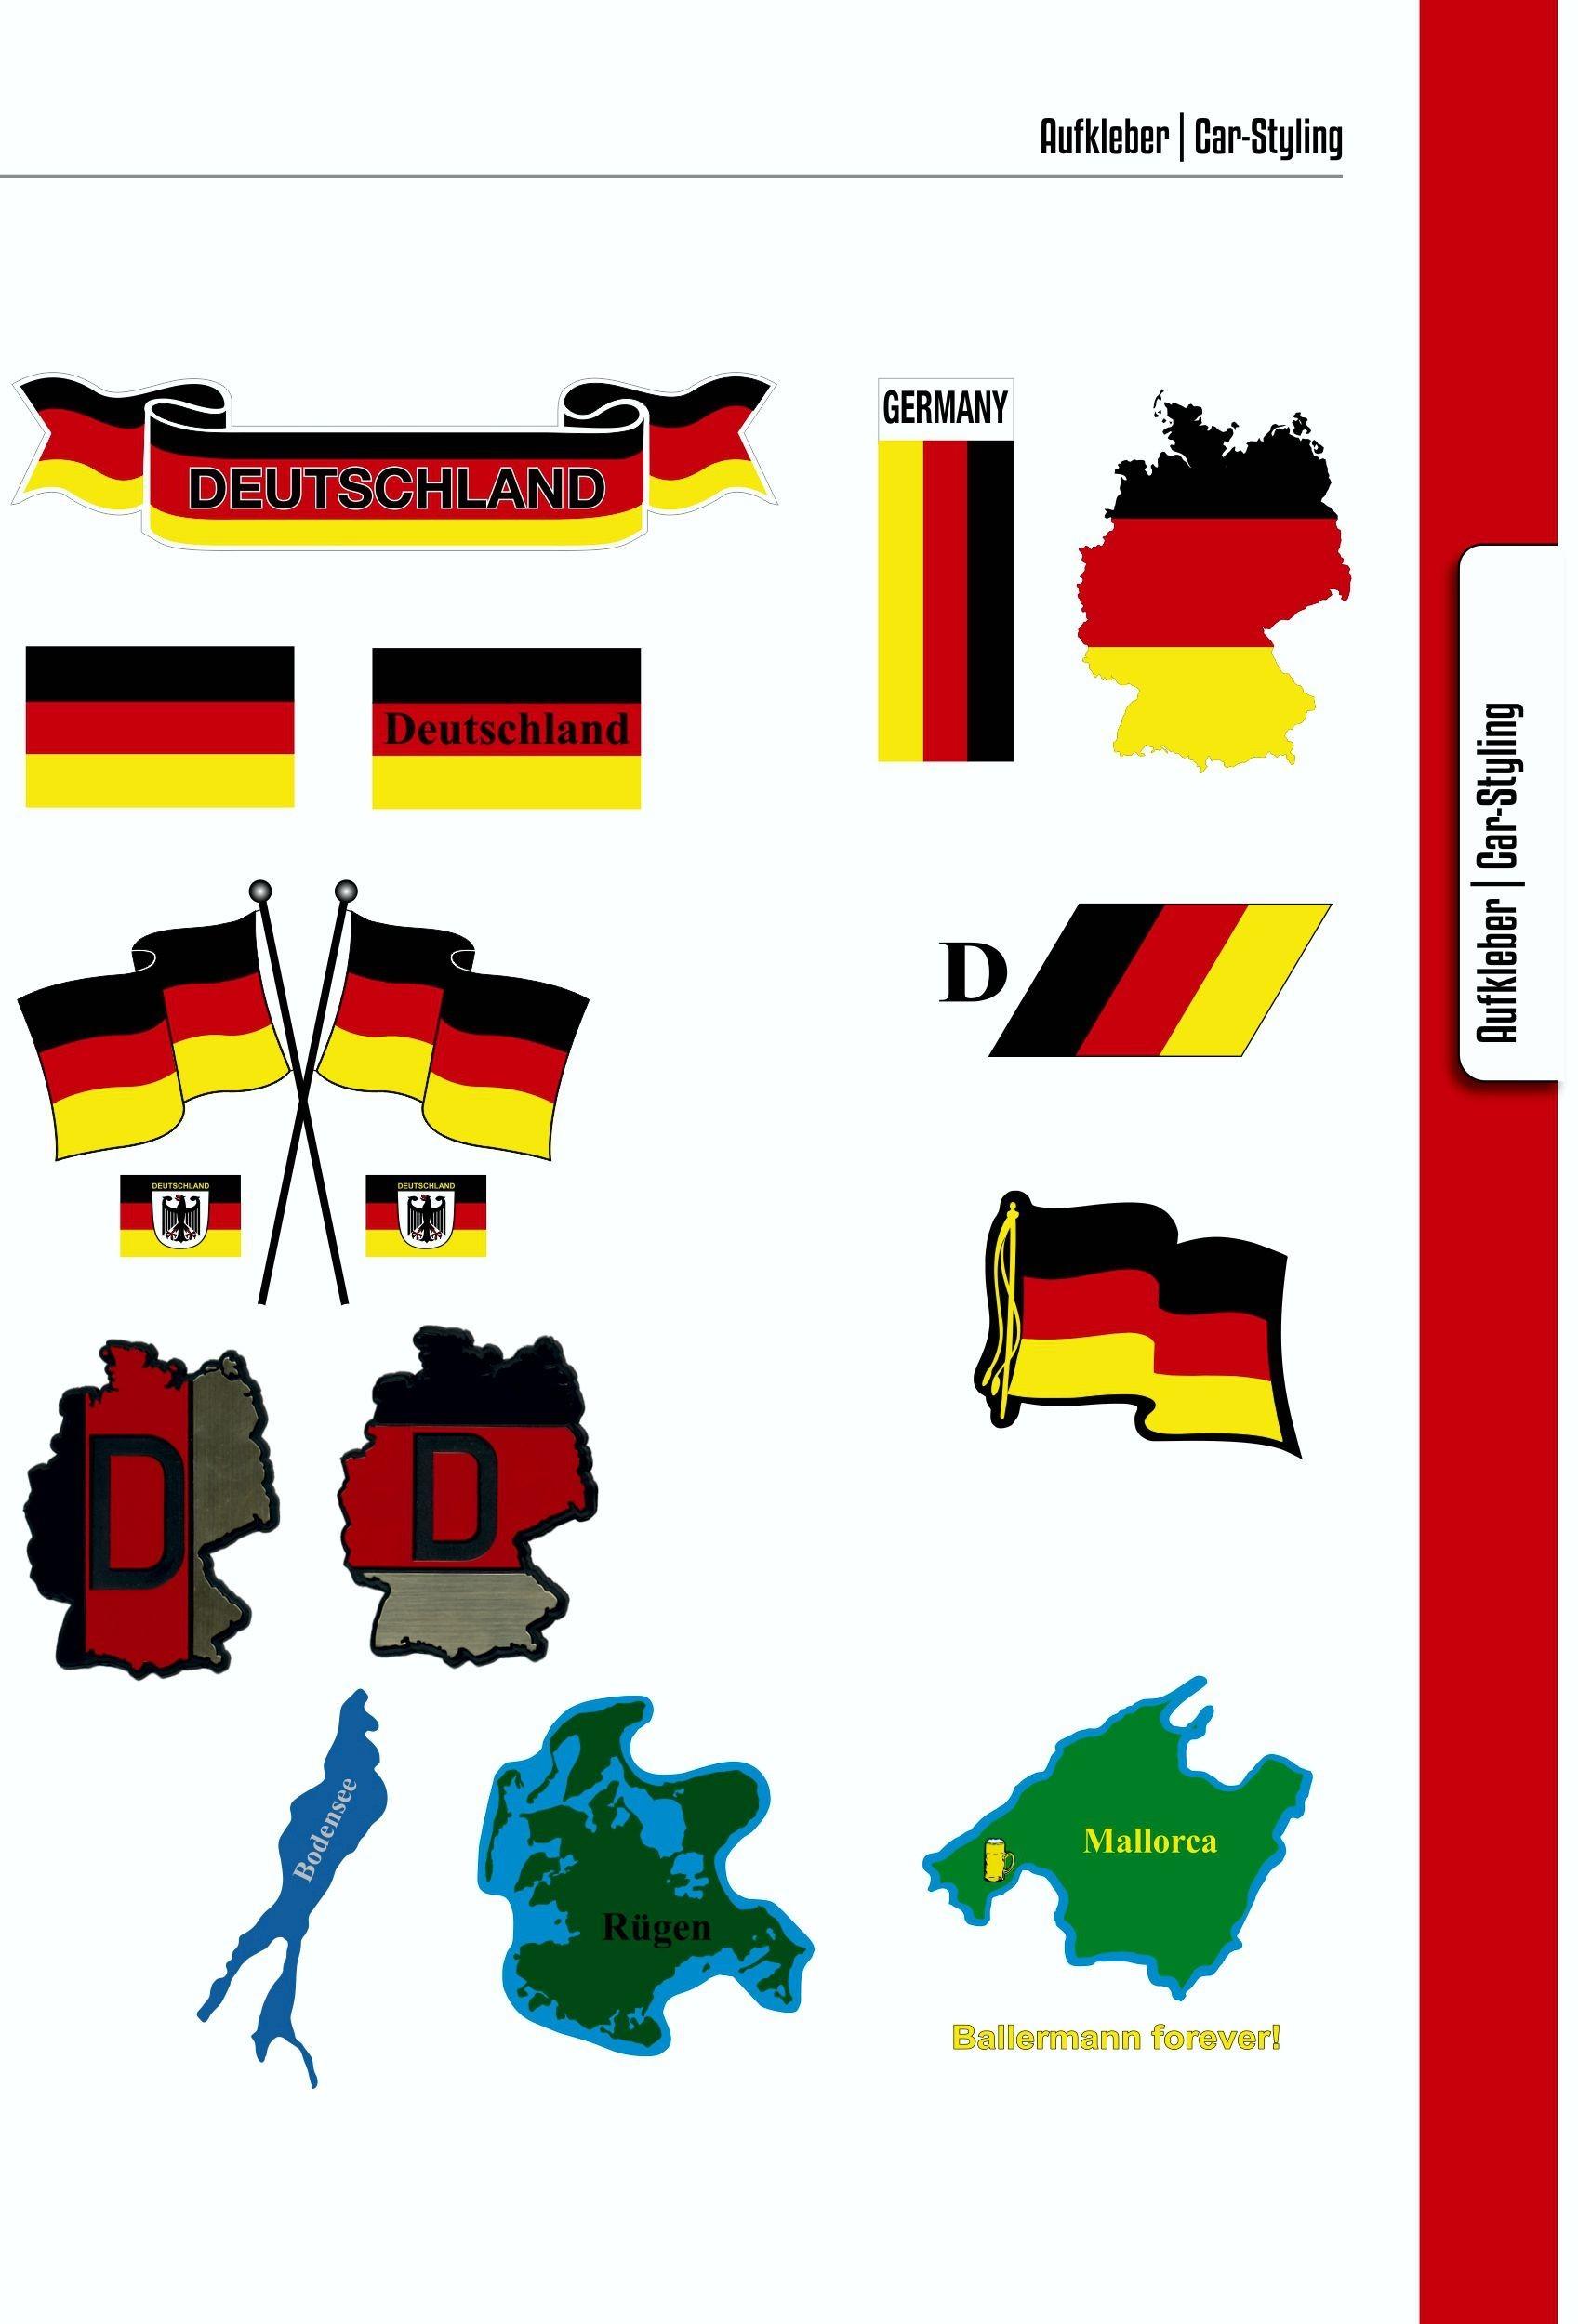 Aufkleber Deutsche Wertarbeit 60 x 50 mm Hochwertige PVC-Folie